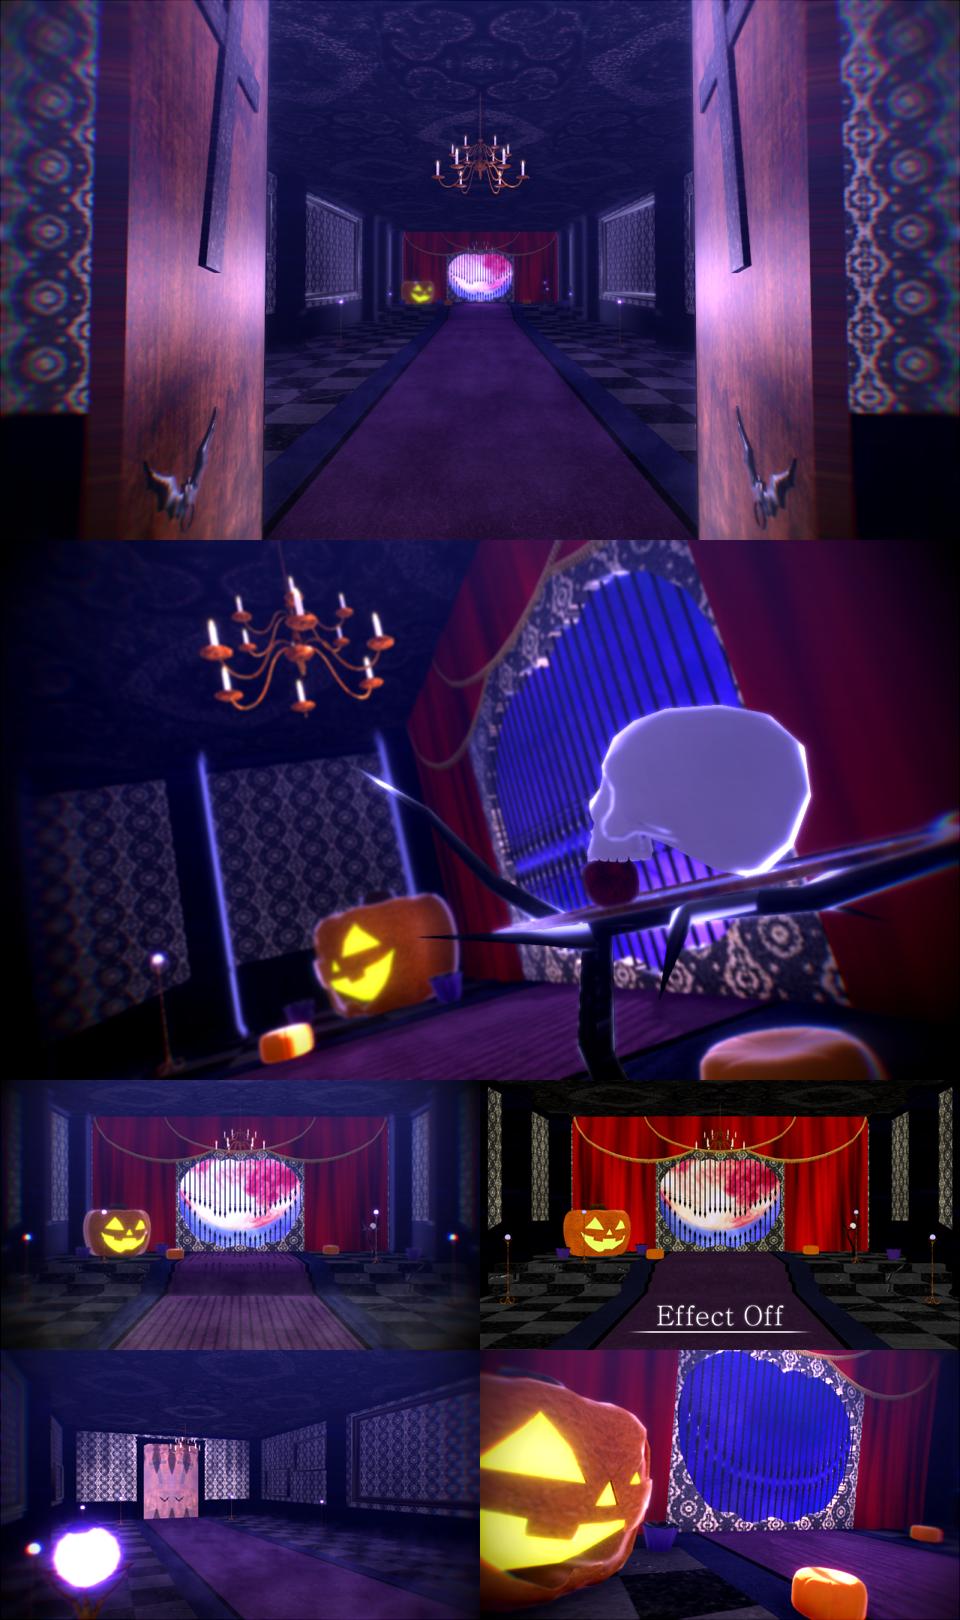 Mmd Halloween Stage Dl 2020 DL SERIES :. STAGE HALLOWEEN by NightLightStar01 on DeviantArt